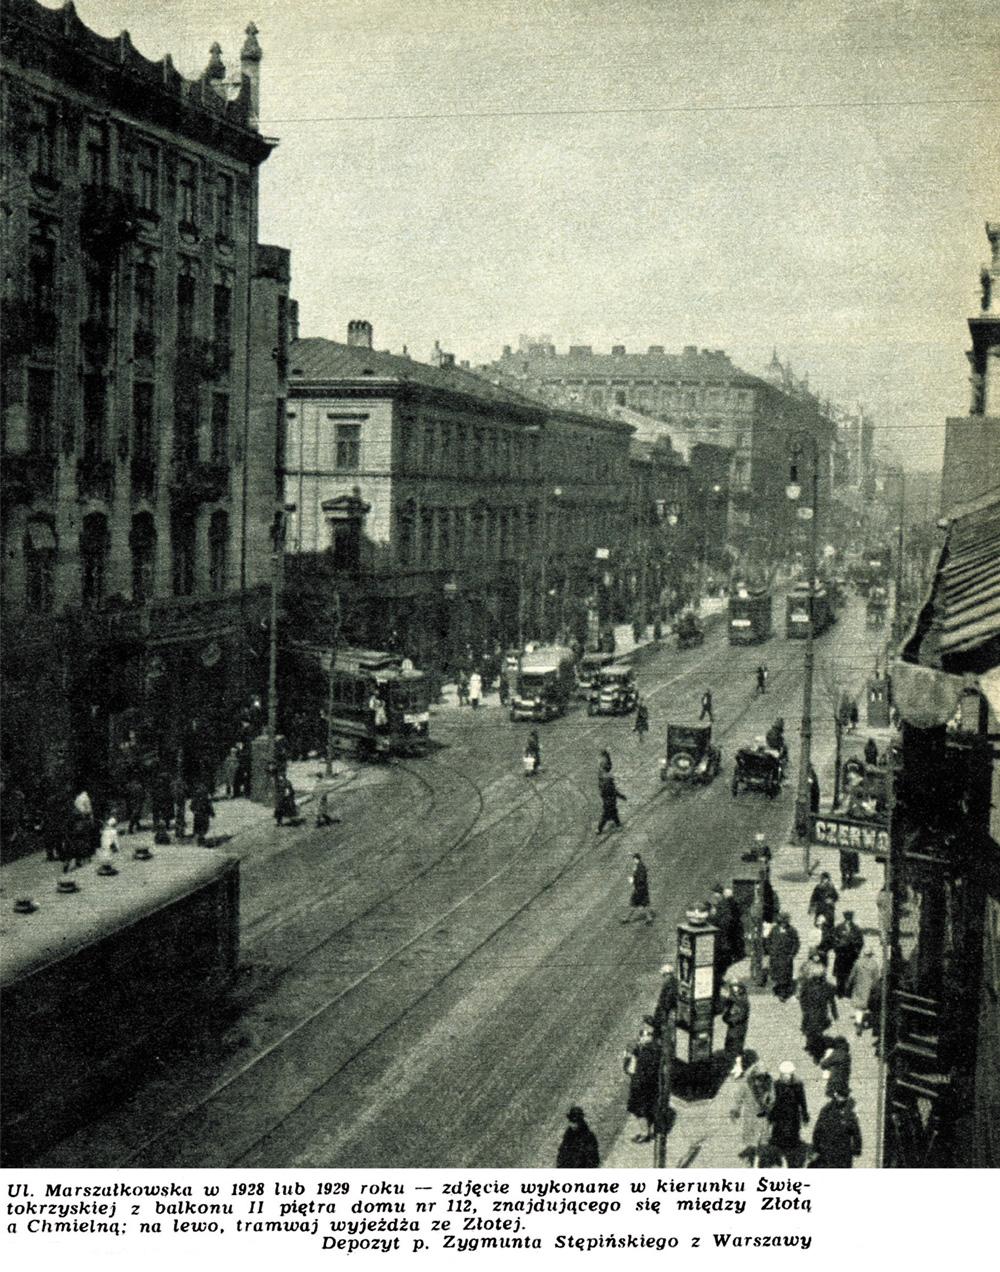 """Ulica Marszałkowska w 1928 lub 1929 roku – zdjęcie wykonane w kierunku Świętokrzyskiej z balkonu II piętra domu nr 112, znajdującego się między Złotą a Chmielną; na lewo tramwaj wyjeżdża ze Złotej. Fot. Tygodnik """"Stolica"""", depozyt Zygmunta Stępińskiego"""